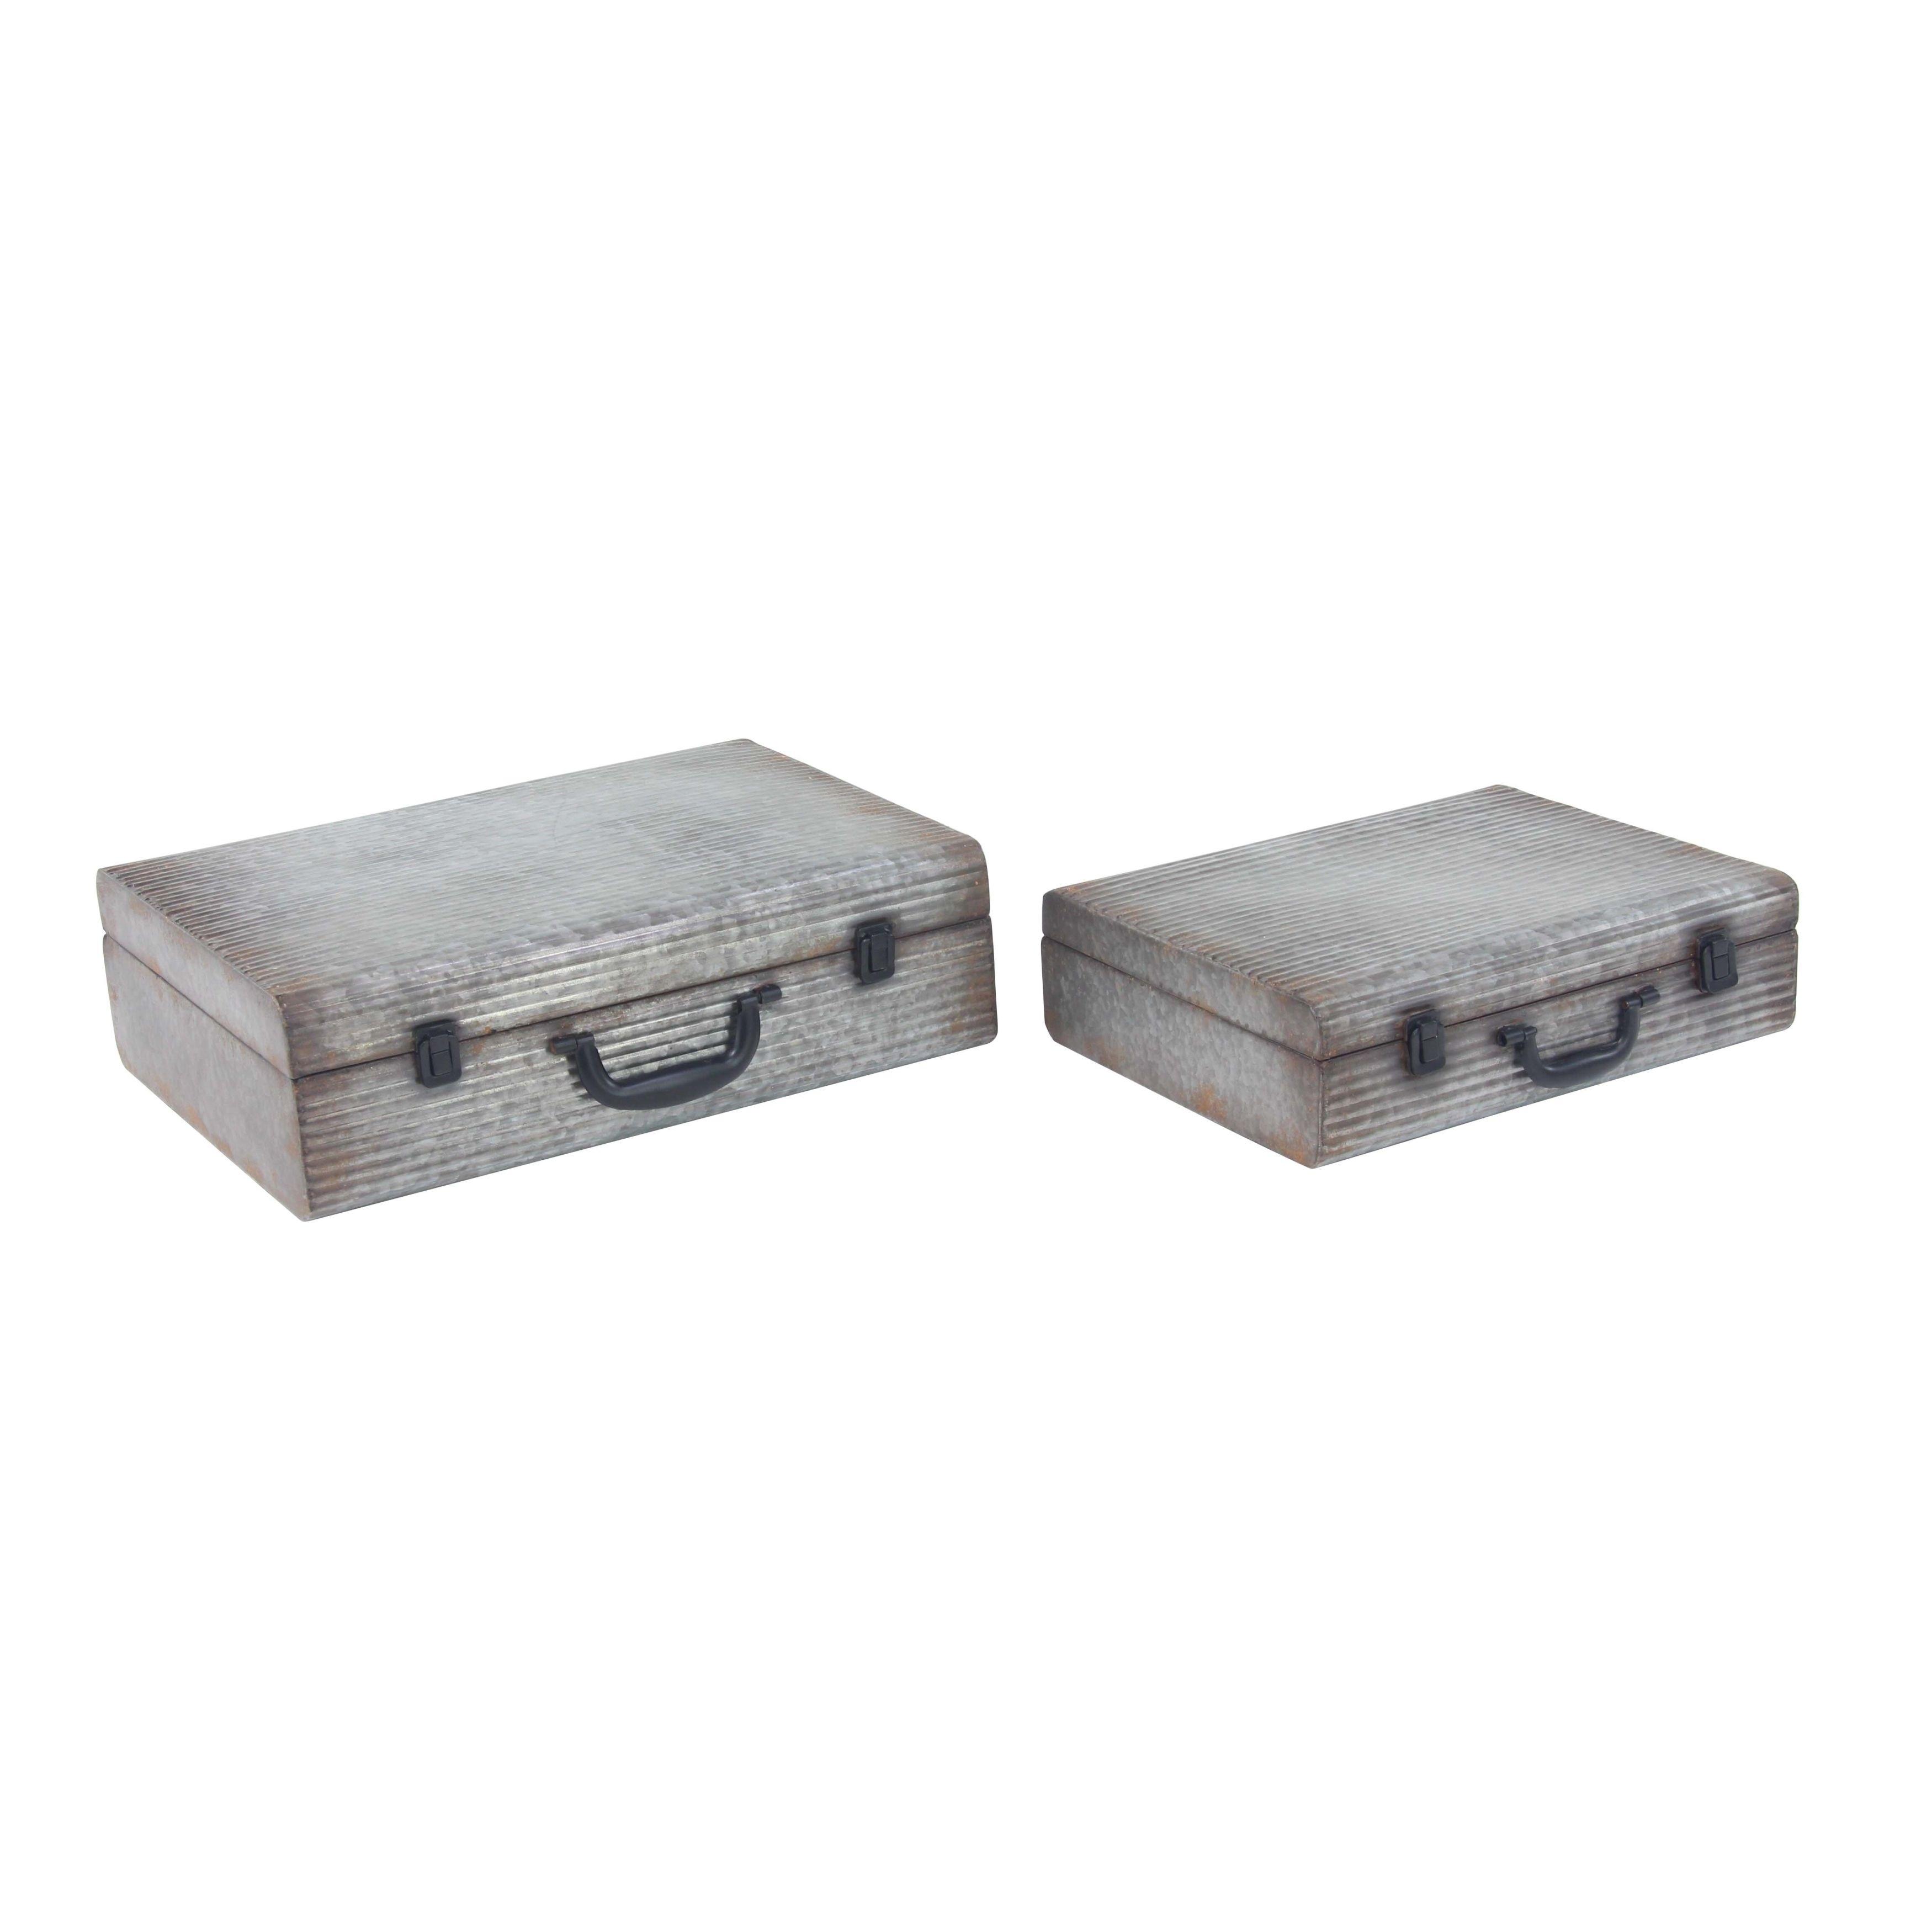 Set of 2 Rectangular Iron Latched Suitcase Boxes